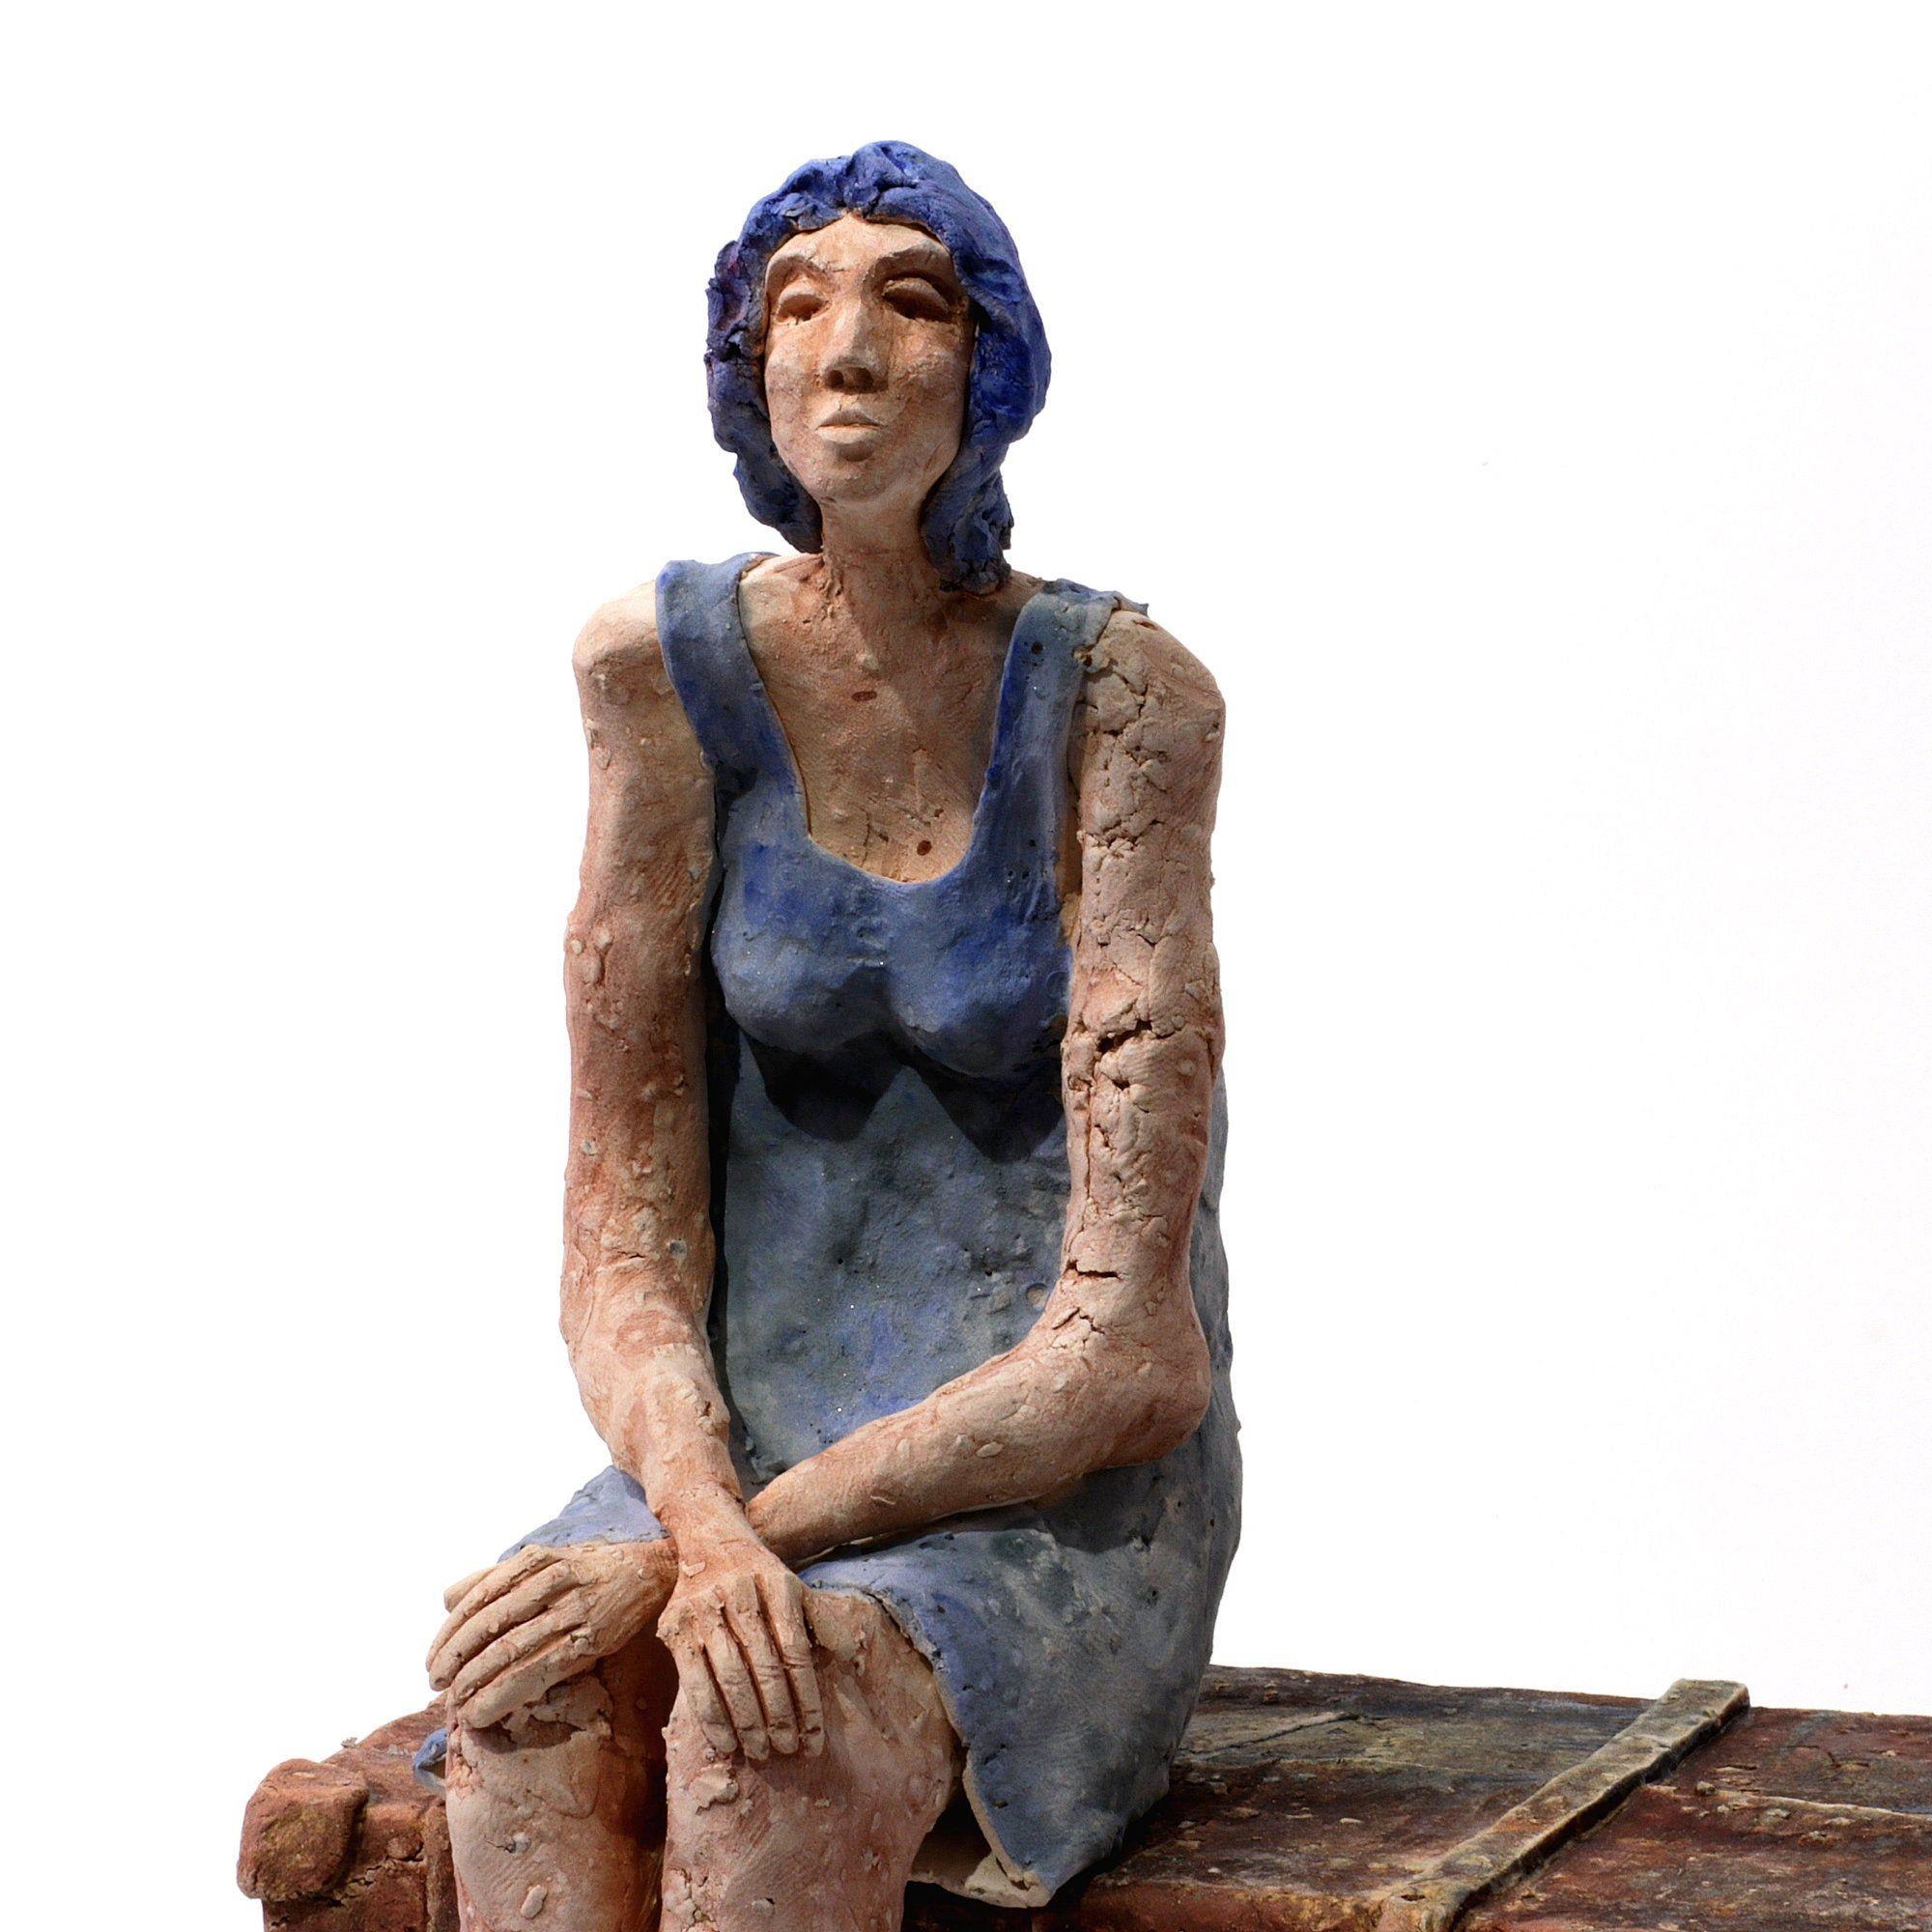 Expectancy Ceramic Sculpture Ceramic Woman Art Object Handmade Ceramic In 2020 Ceramic Sculpture Handmade Ceramics Sculpture